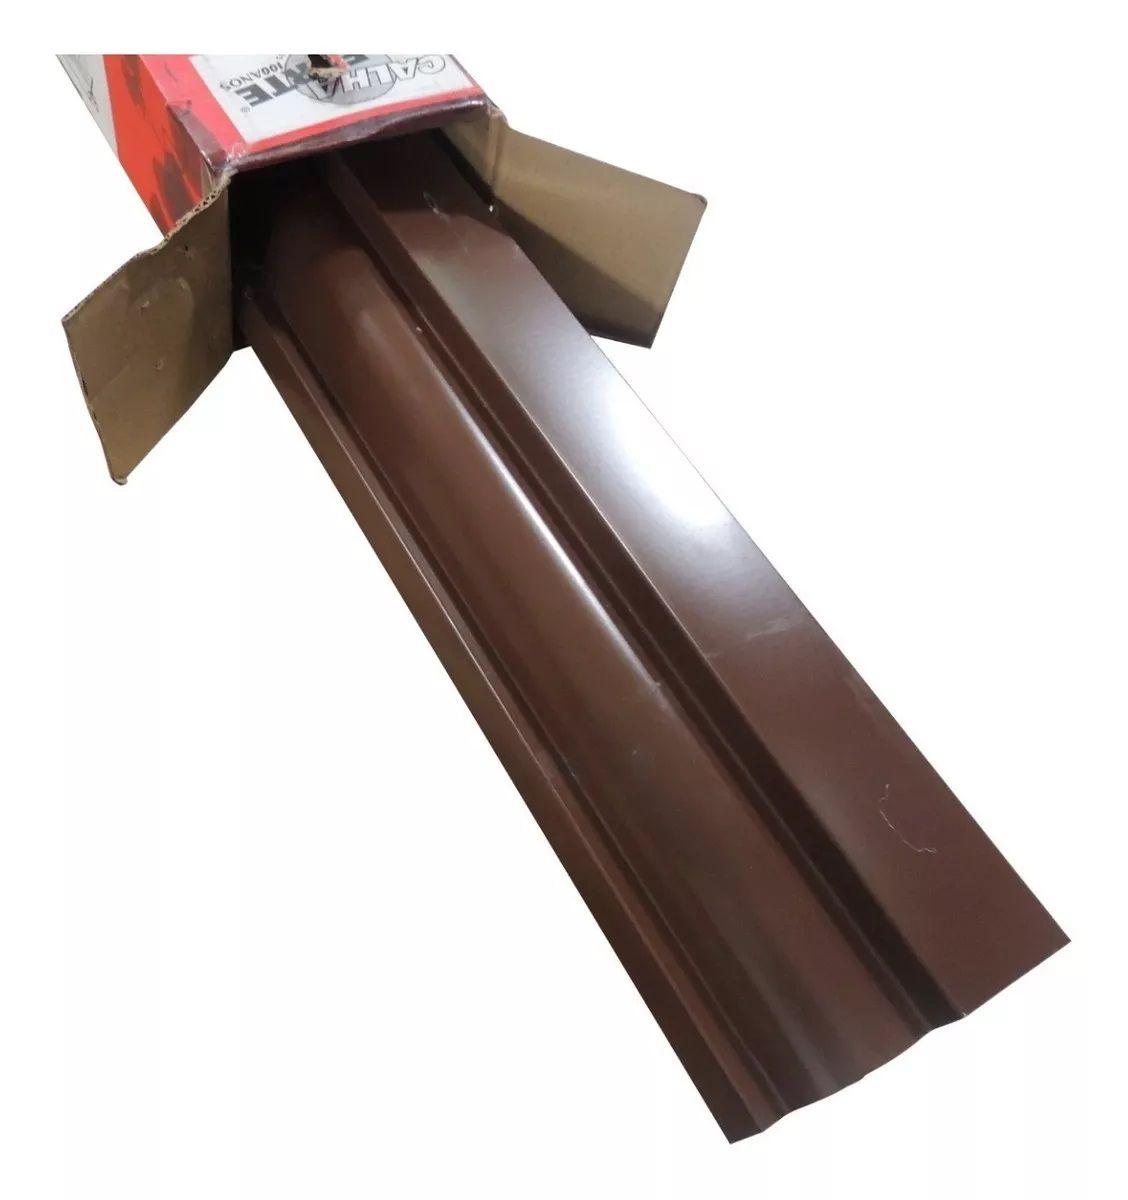 Kit Calha Telhado Beiral 12m Calha Marrom 52pçs + Protetor